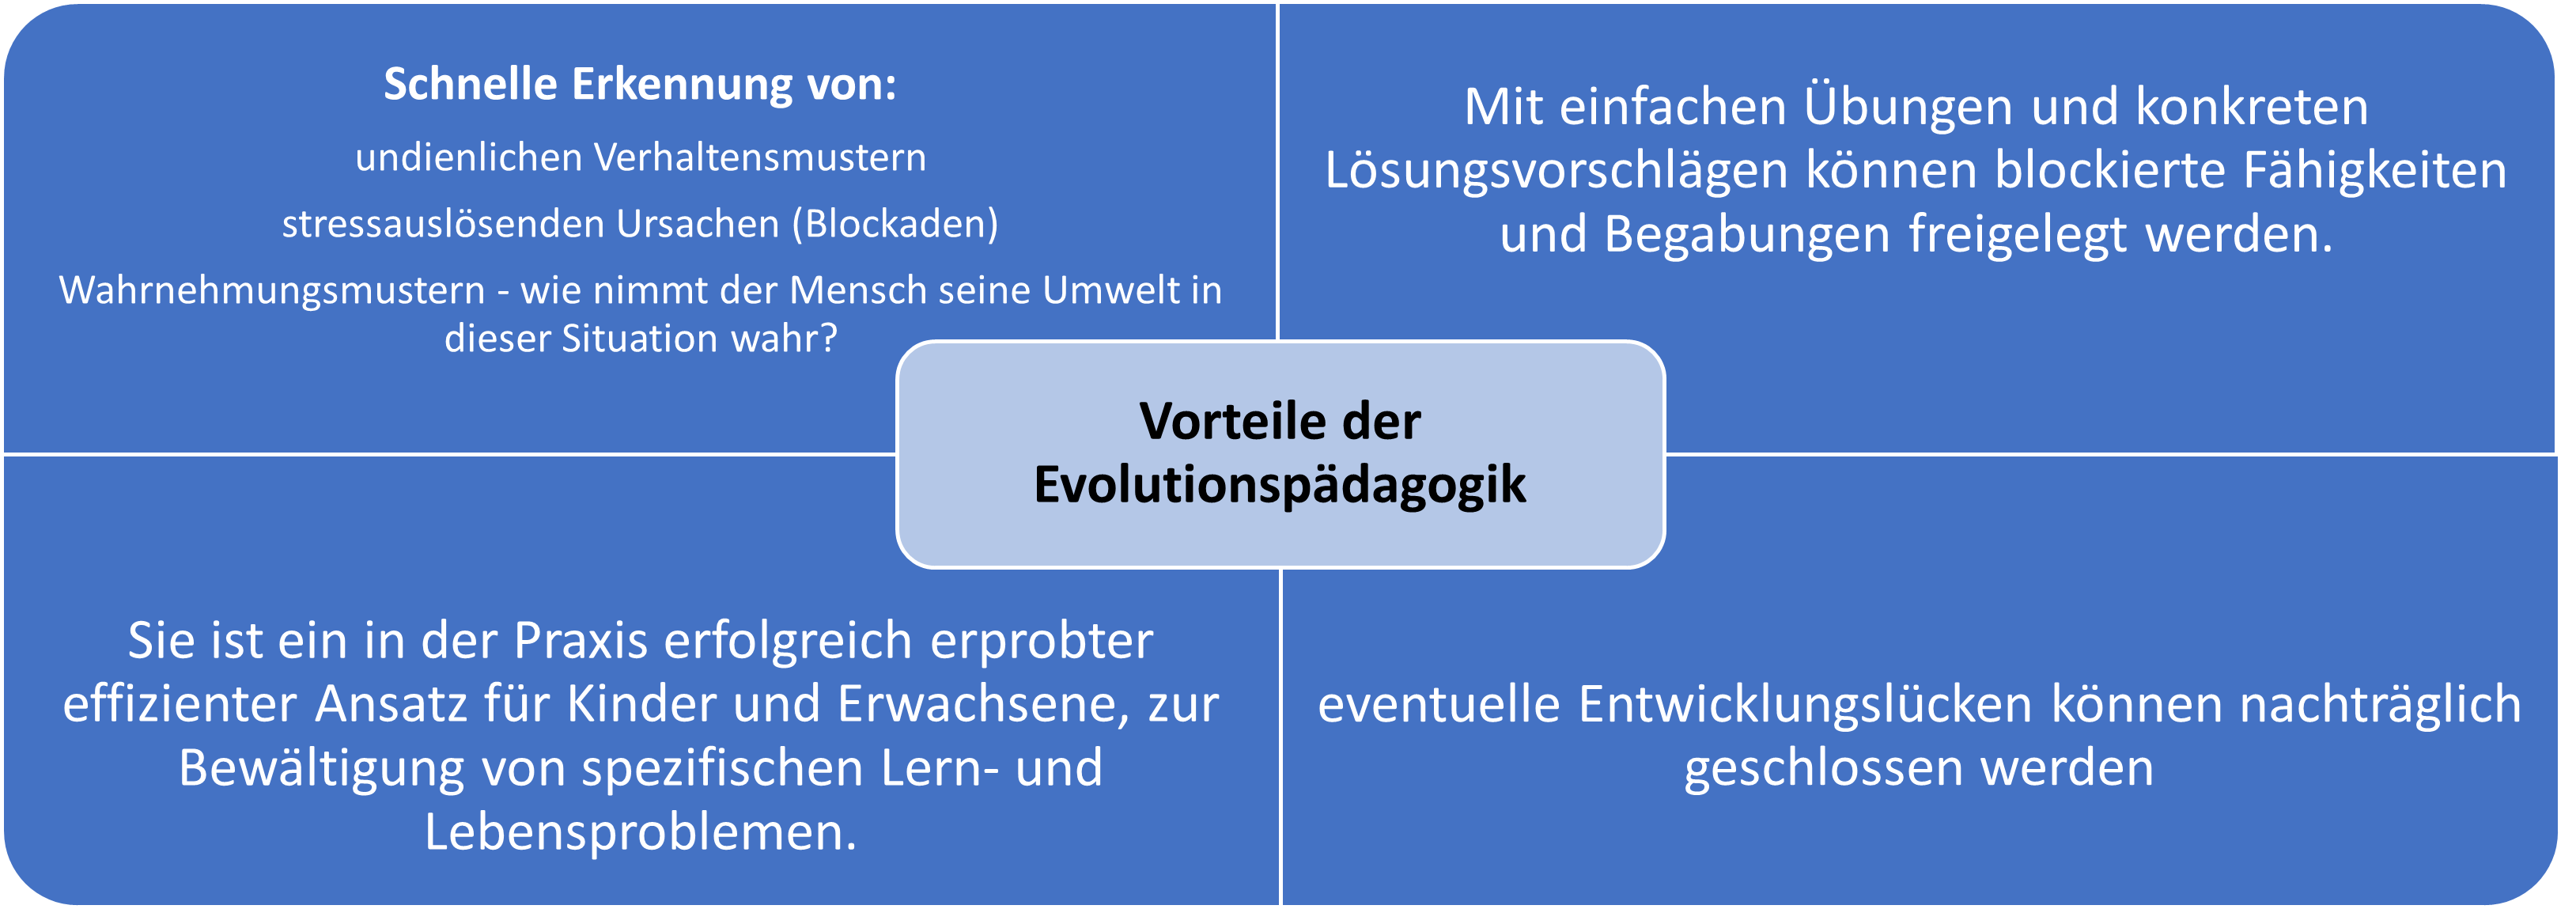 Evolutionspädagogik, Vorteile